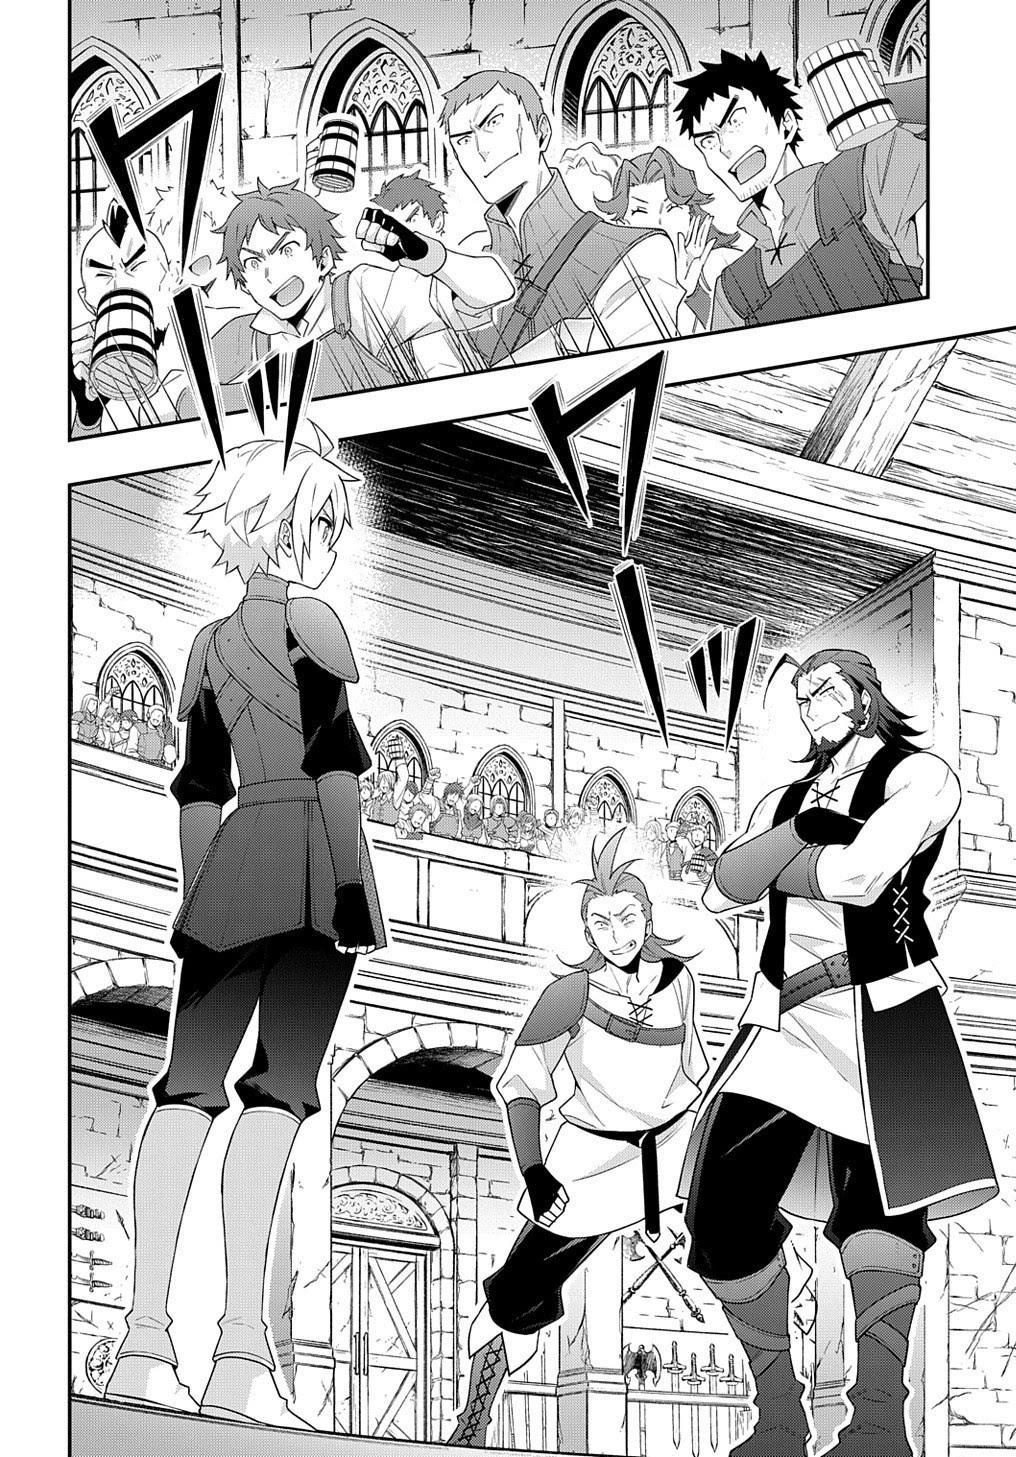 Tensei Kizoku No Isekai Boukenroku ~Jichou Wo Shiranai Kamigami No Shito~ Chapter 33 page 4 - Mangakakalots.com